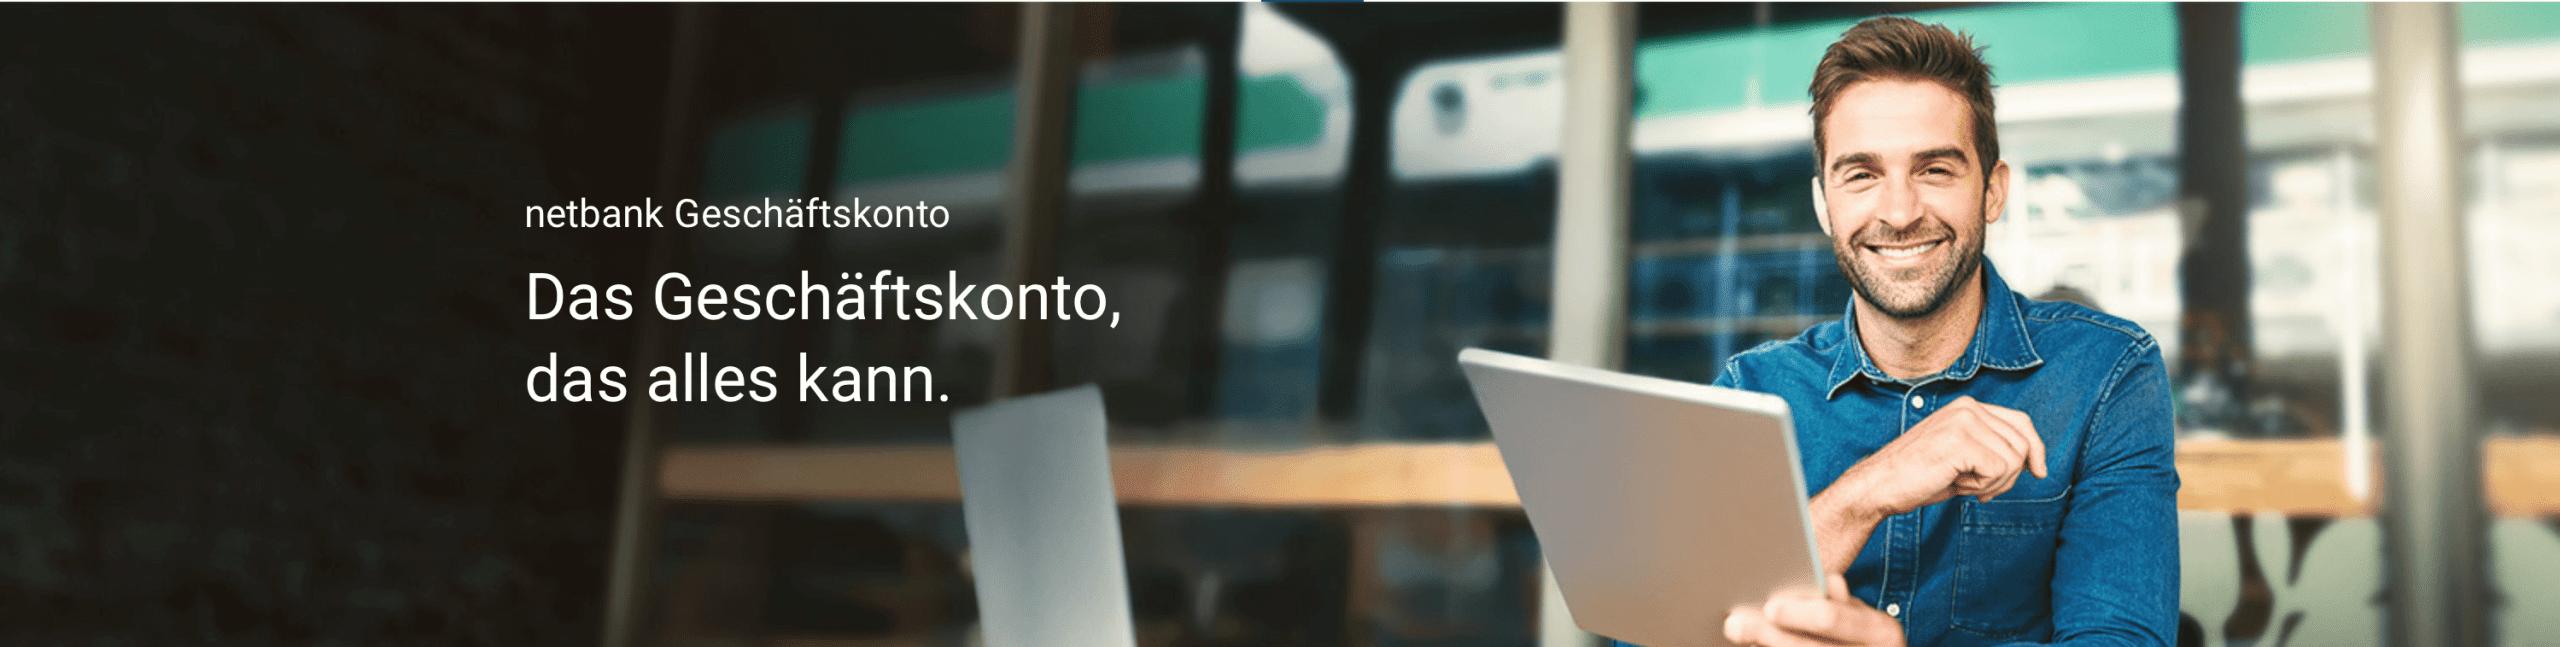 Netbank Geschäftskonto - Header